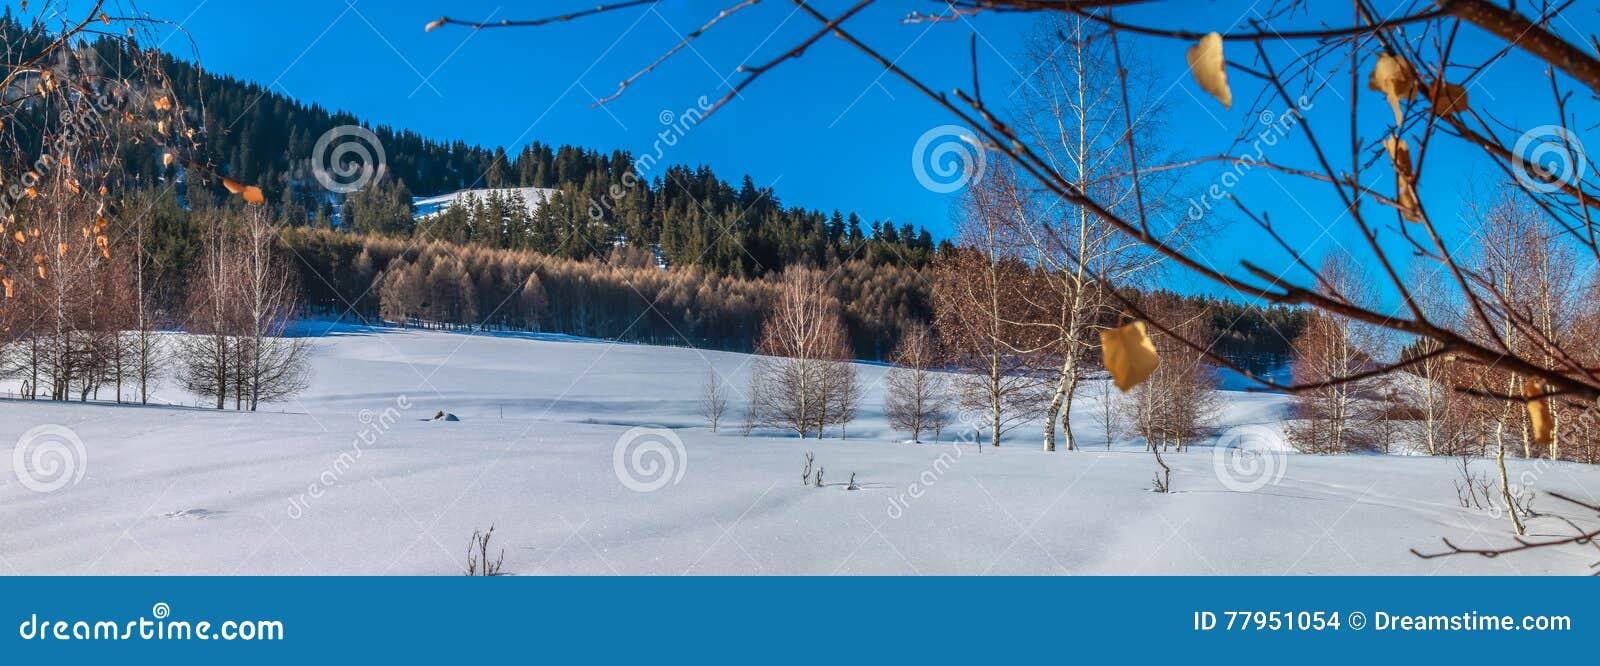 Χειμερινό άλσος